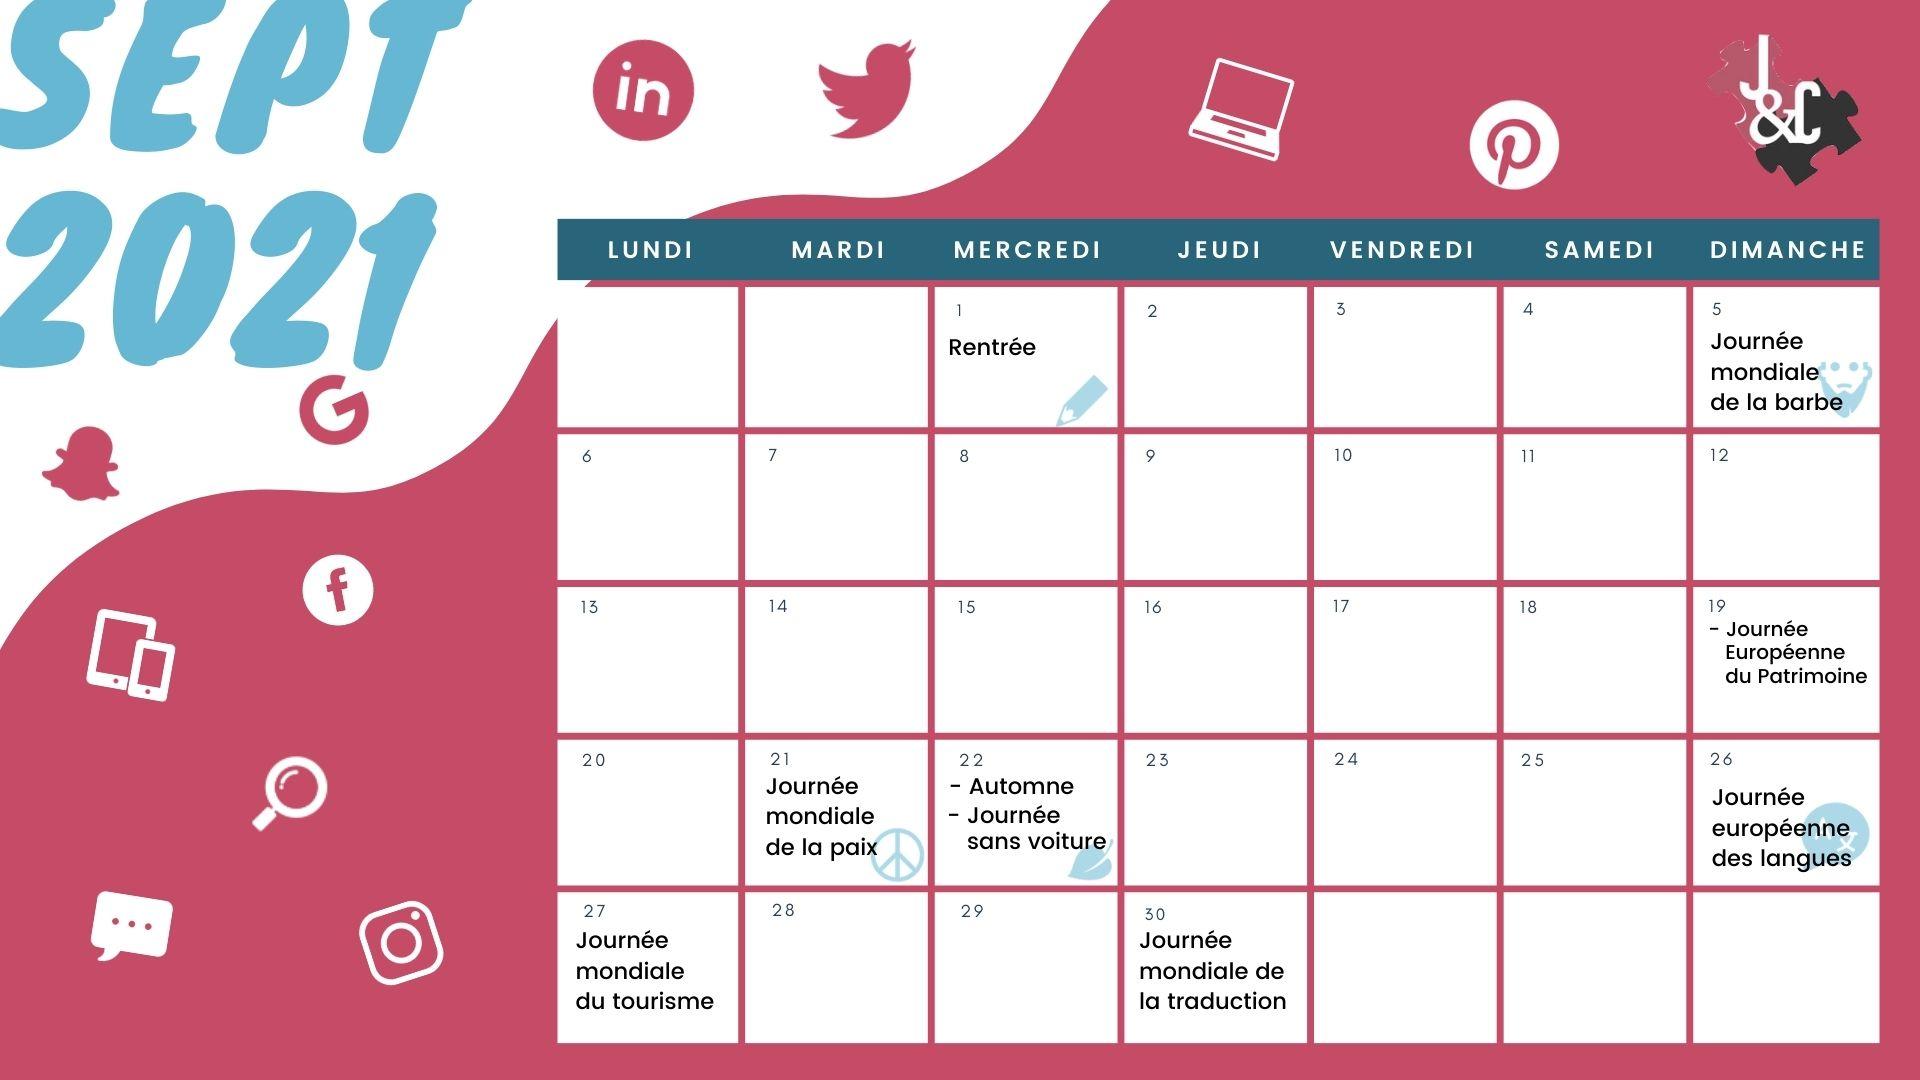 Retrouvez tous les événements du mois de septembre grâce à votre calendrier marketing 2021 !